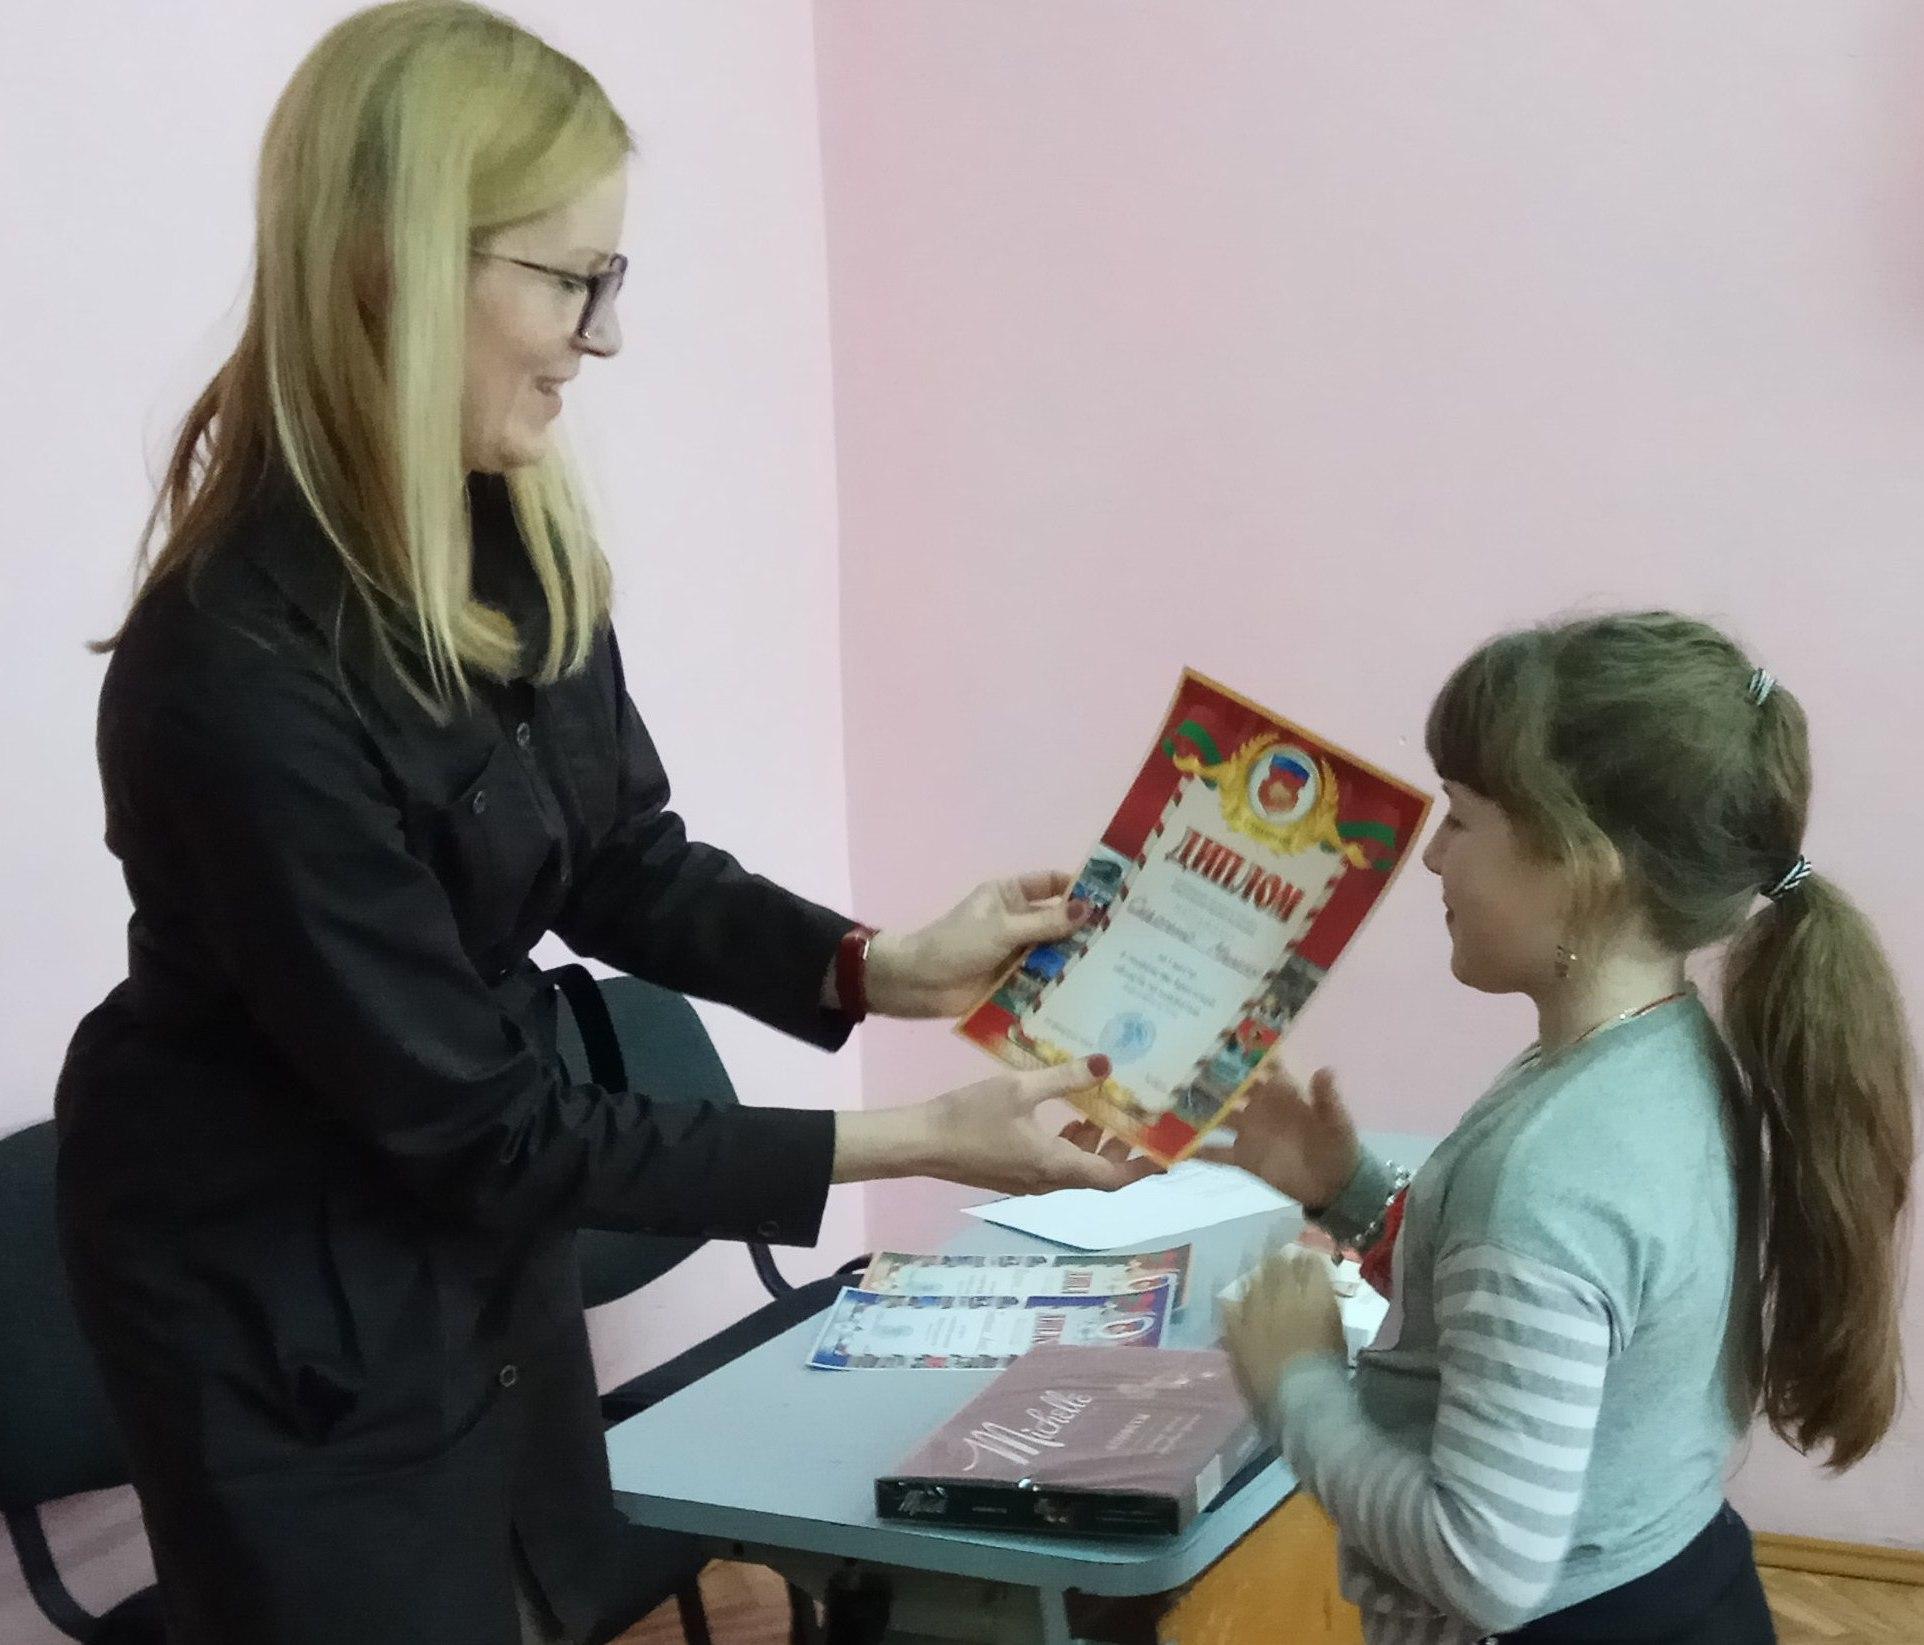 Милена Сидореня получает диплом.